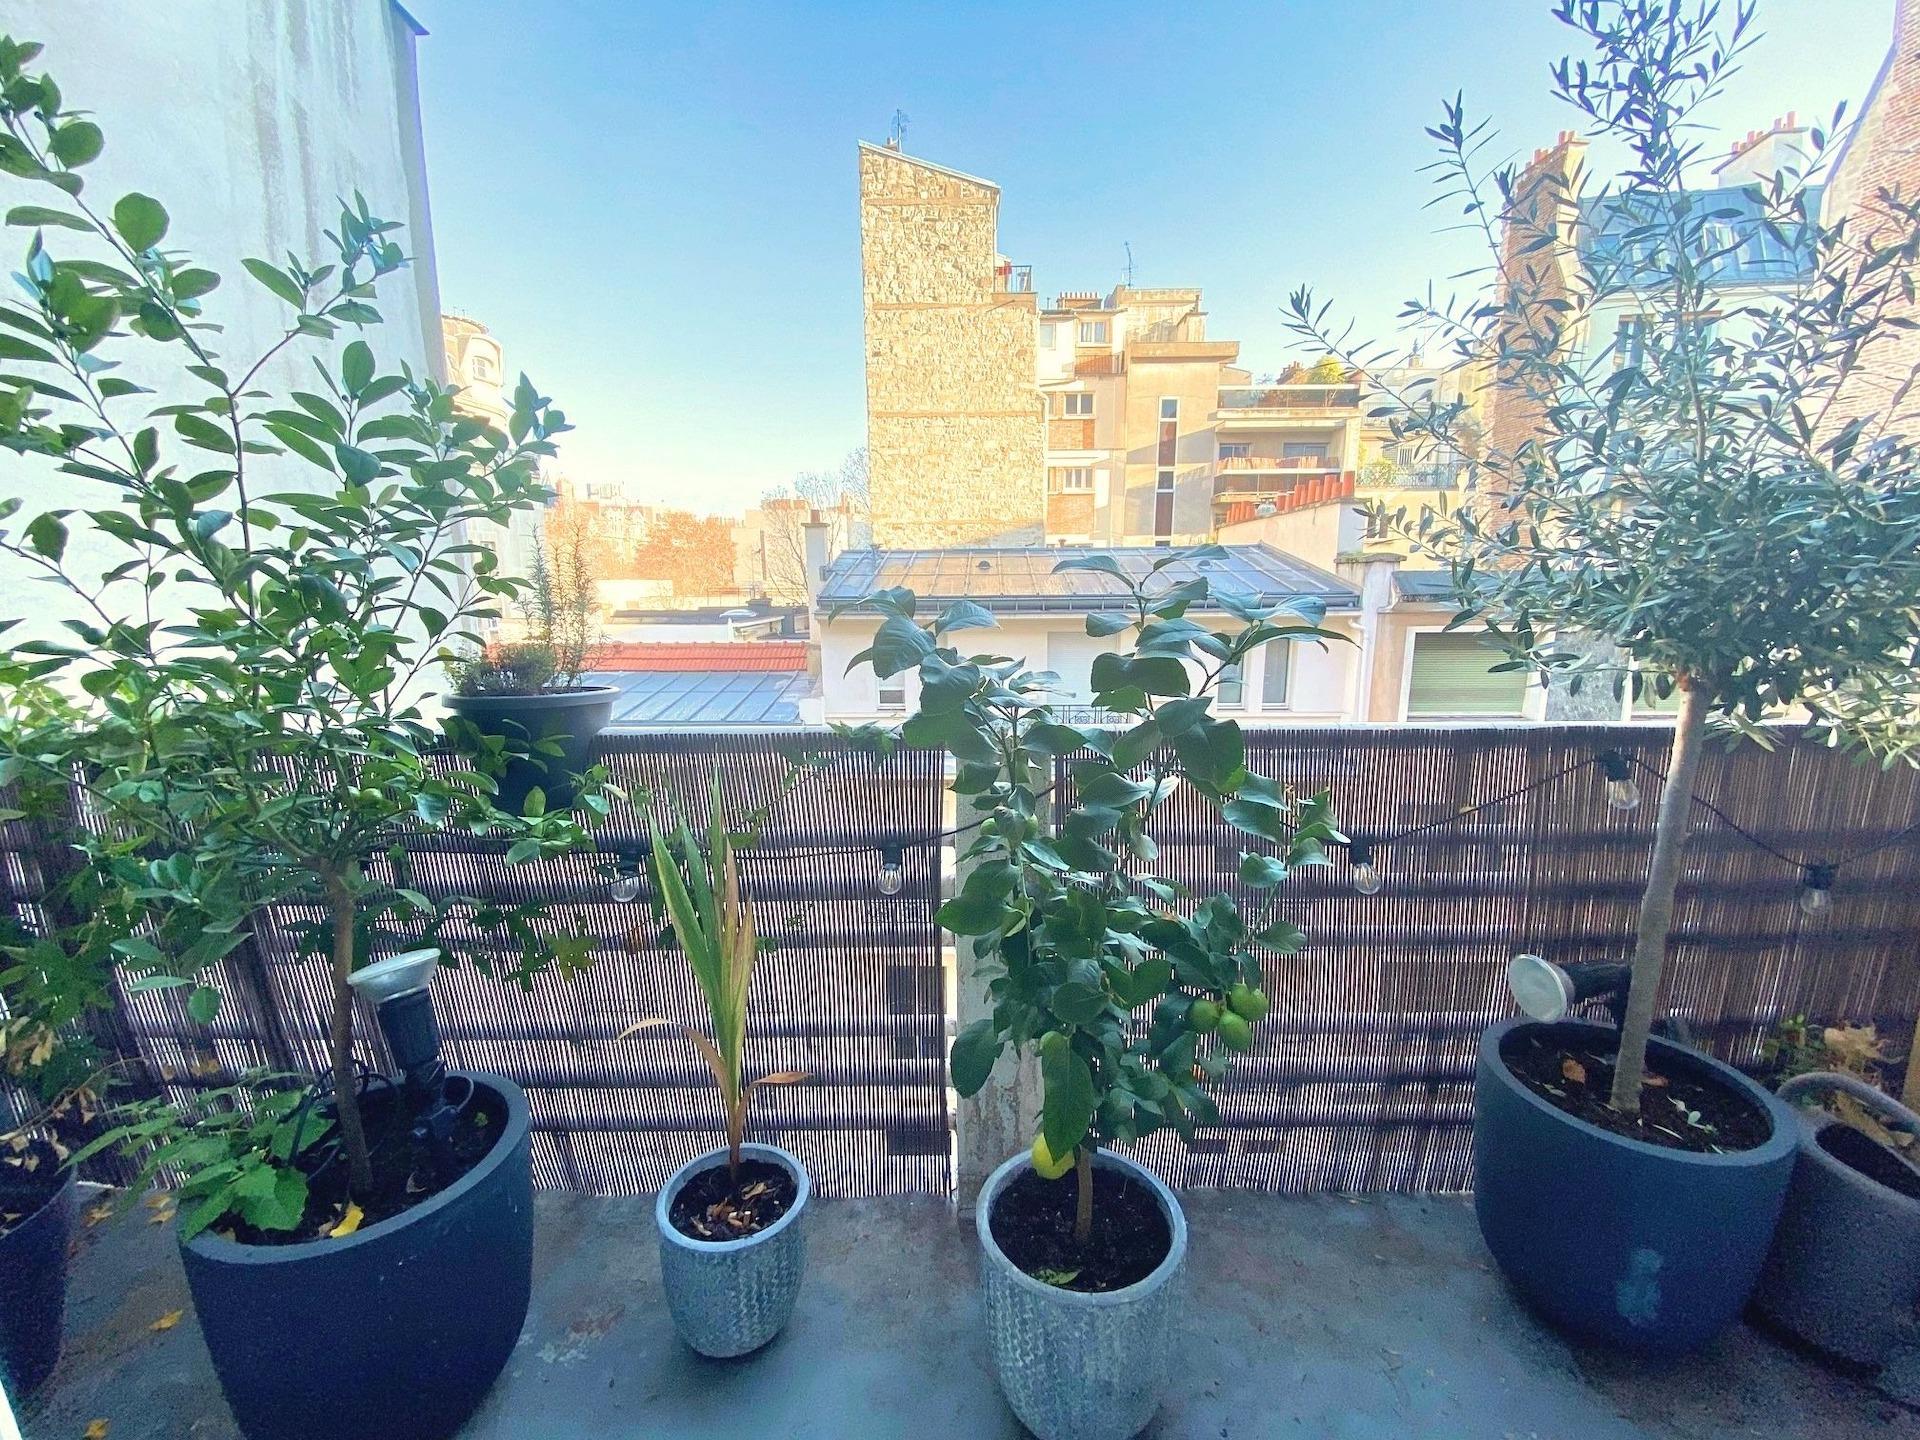 5-a-vendre-appartement-2-pieces-balcon-vue-degagee-sans-vis-à-vis-paris-16-auteuil-la-clef-des-villes-agence-immobiliere-off-market